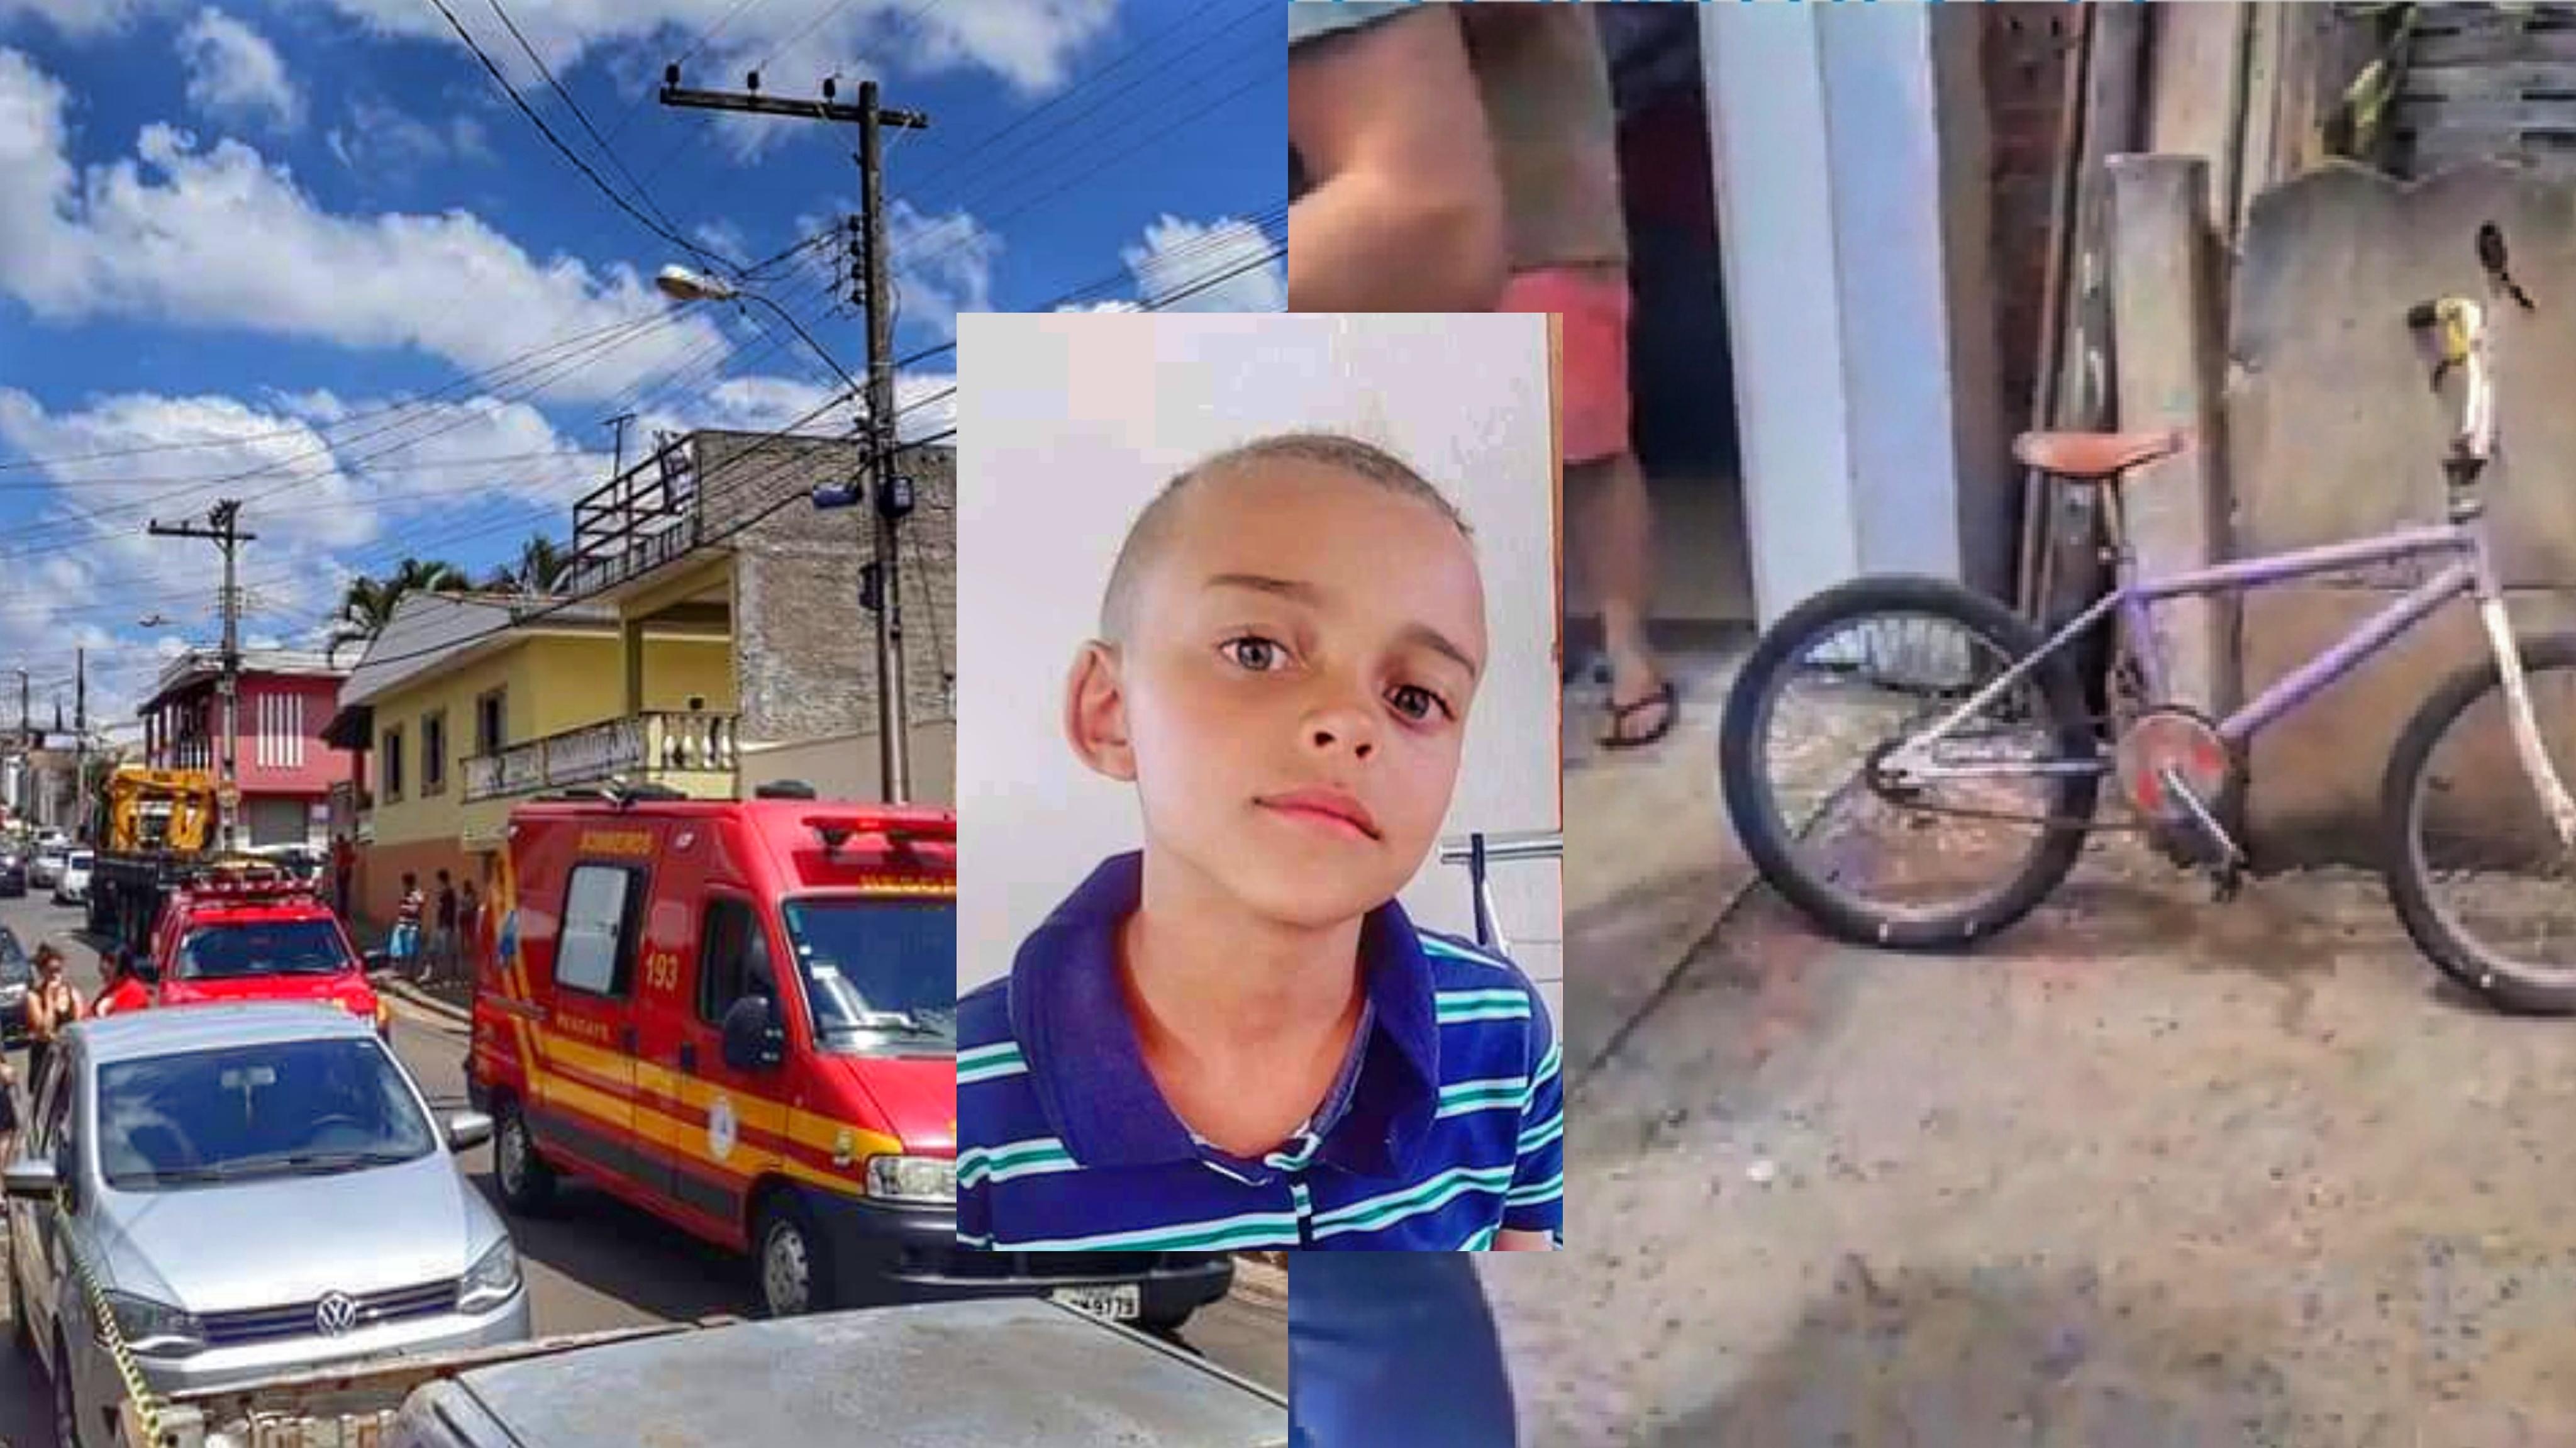 Na Região: Criança de 9 anos morreu atropelada por caminhão hoje